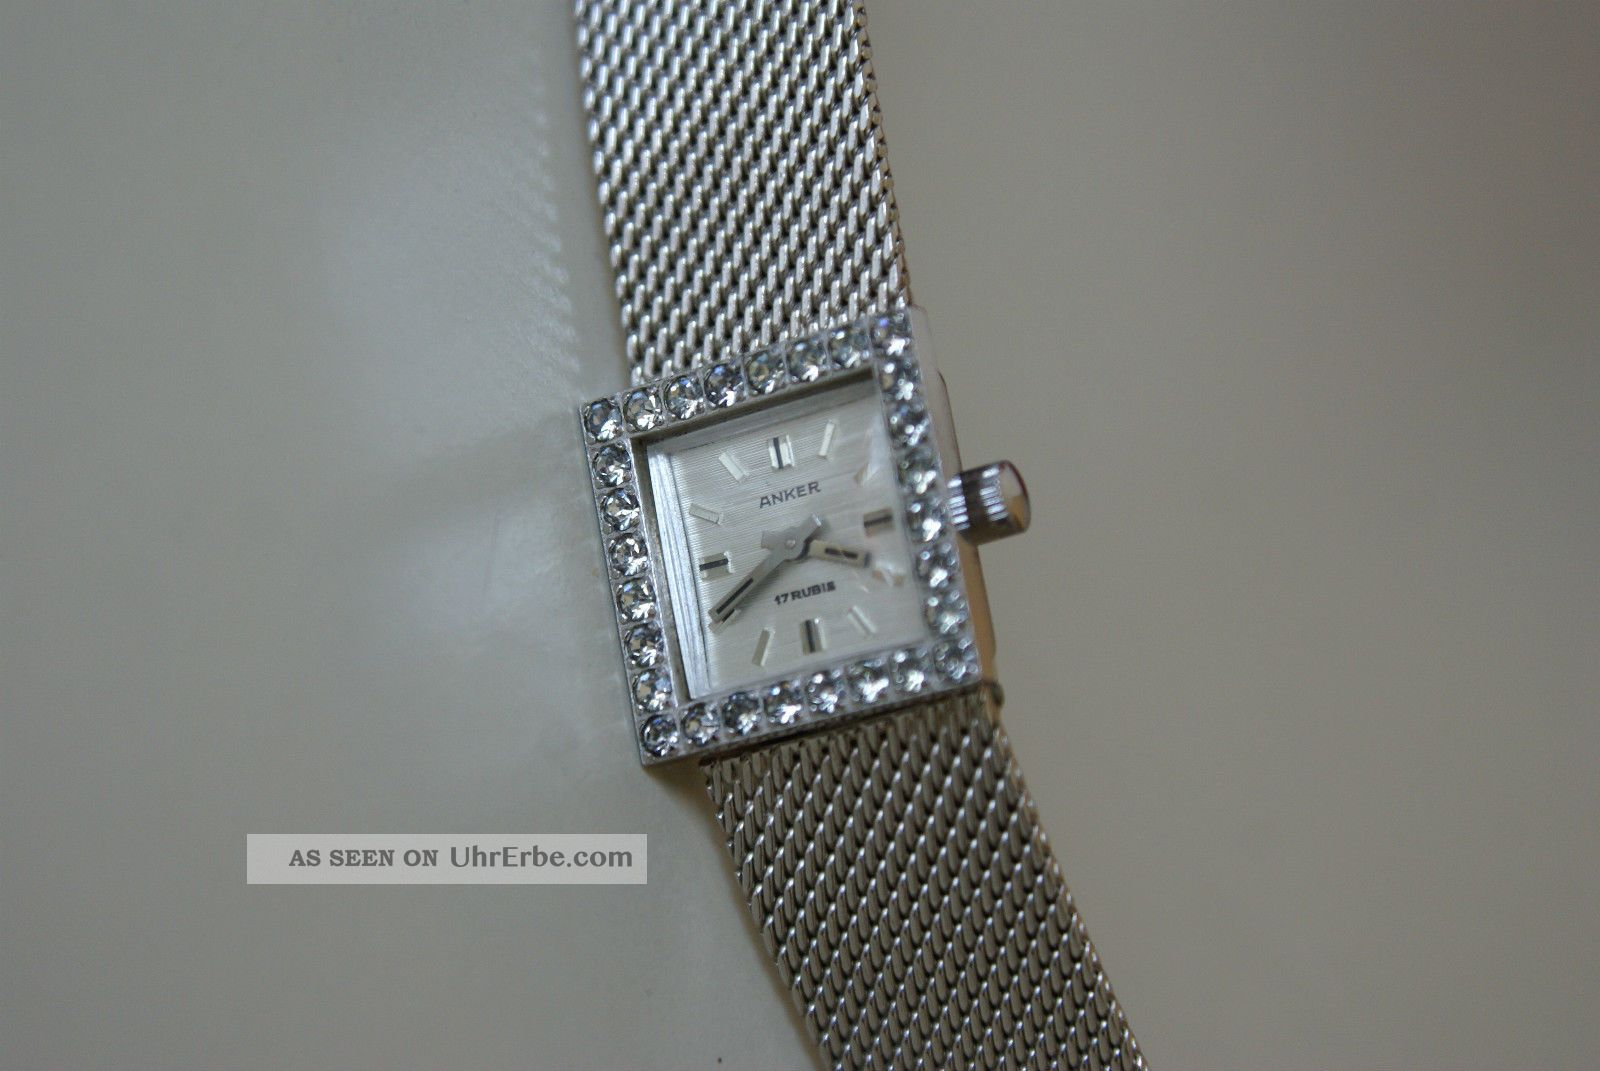 Wunderschöne Anker Damenuhr,  Mechanische Handaufzug,  Läuft Sehr Gut Armbanduhren Bild